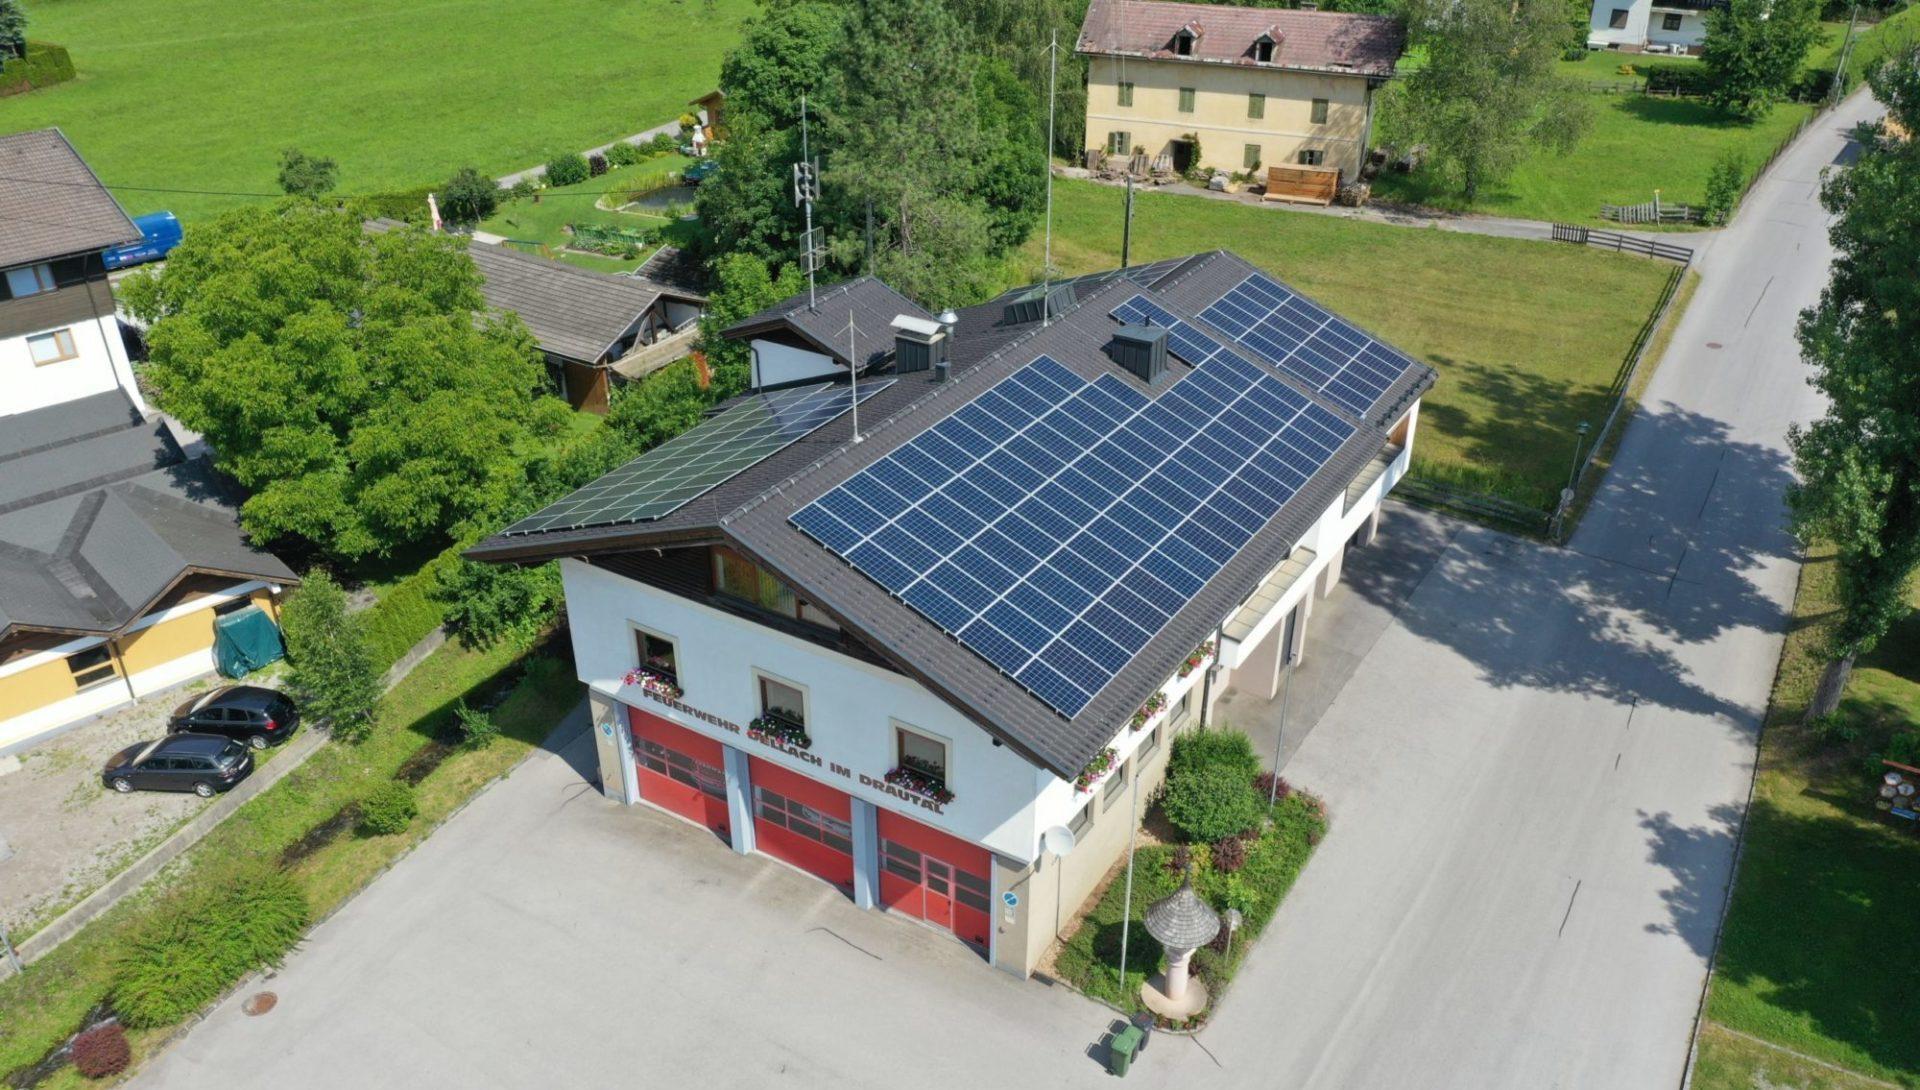 Feuerwehr Dellach PVdirekt lokale Energiegemeinschaft